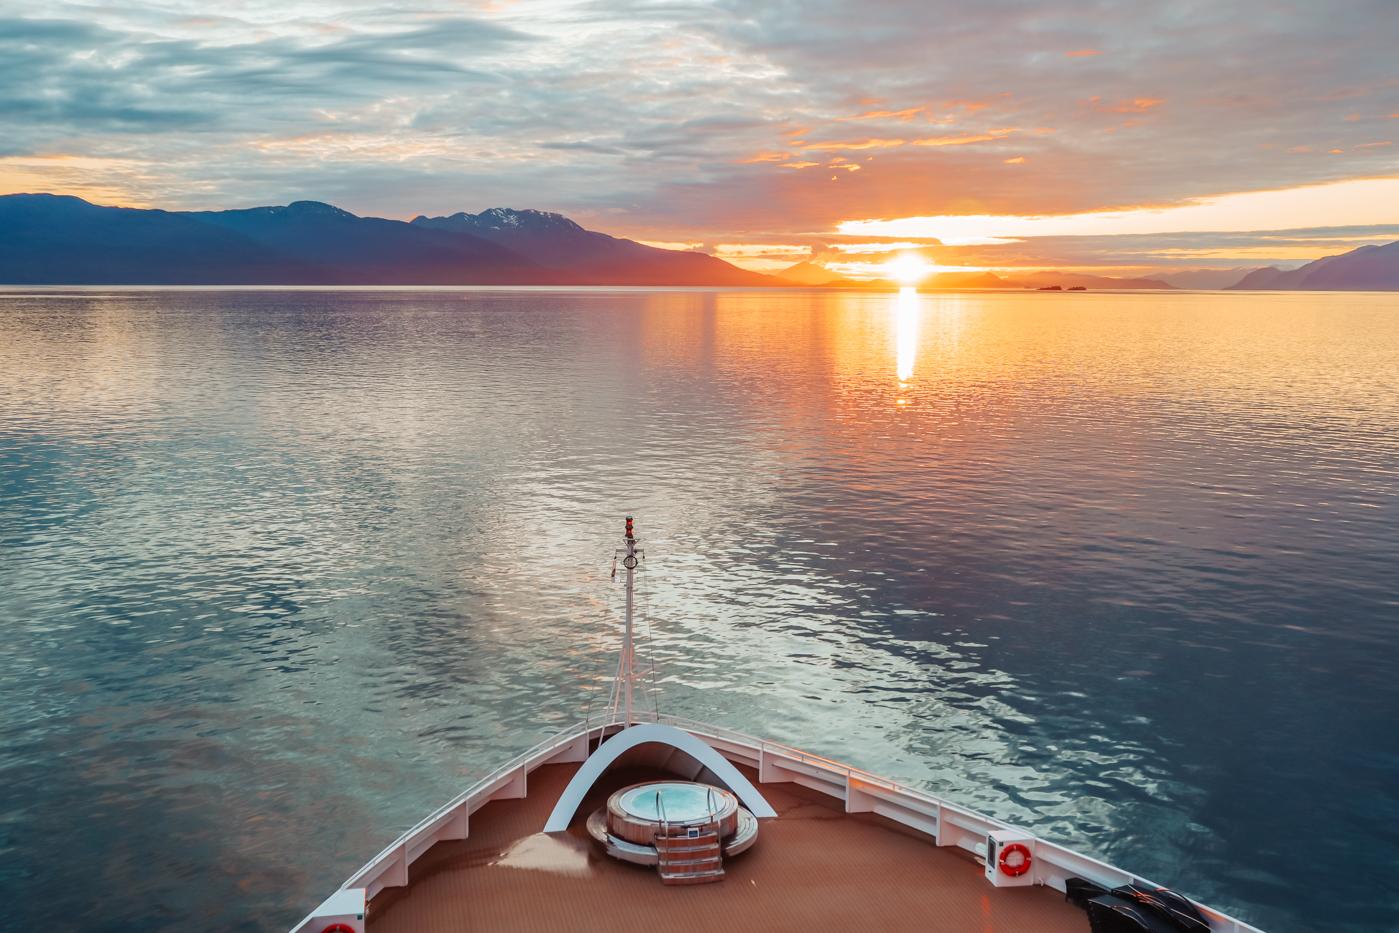 seabourn-sojourn-sunset-pink-sky-alaska.jpg